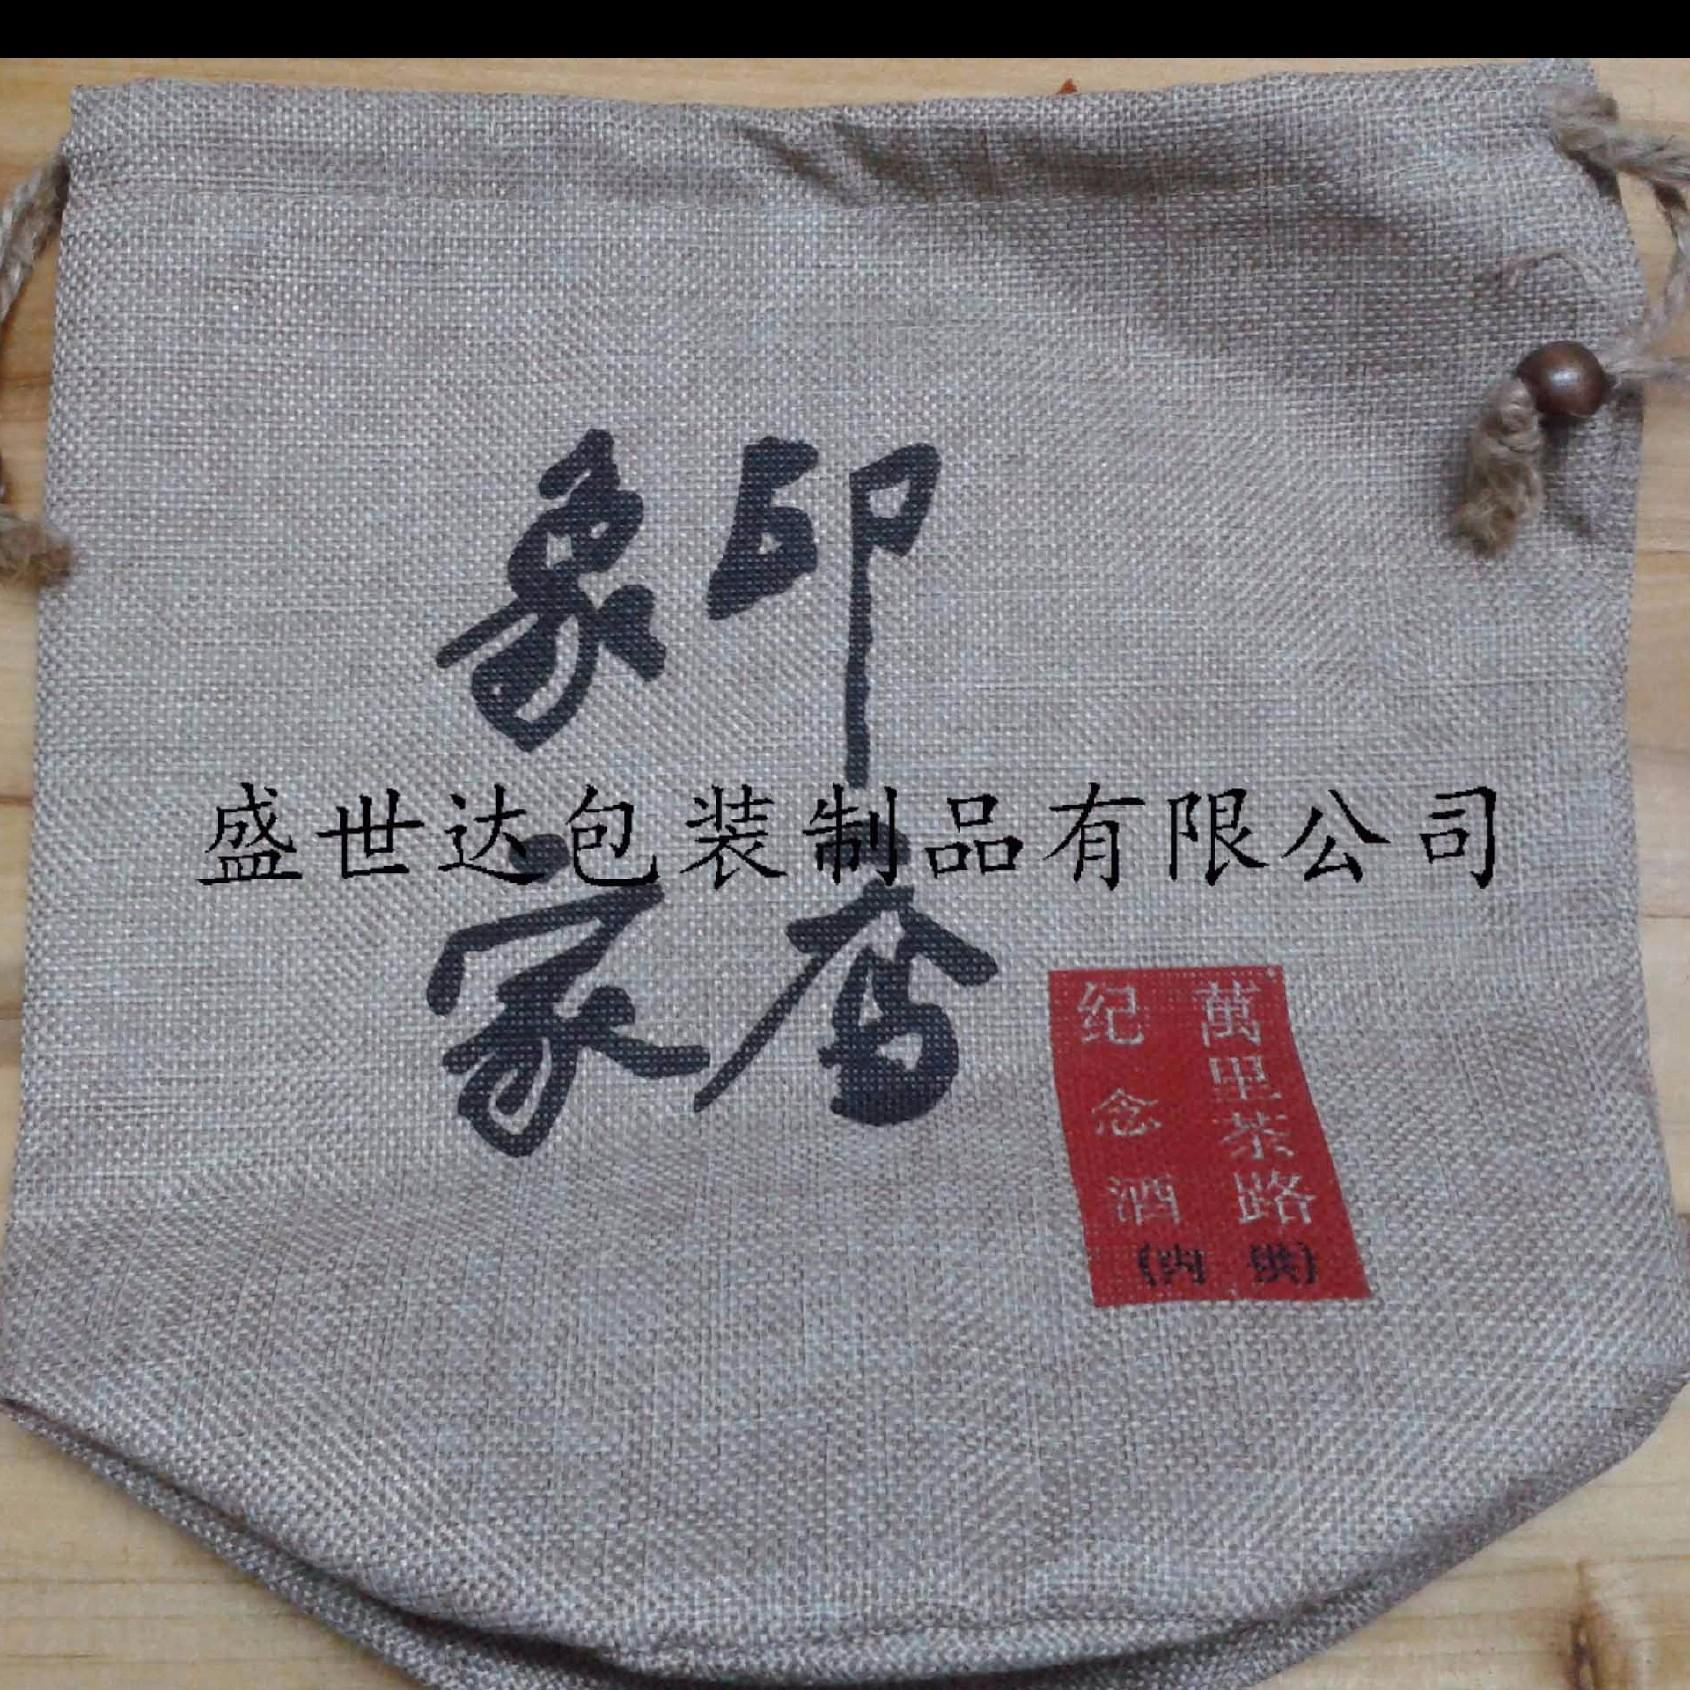 厂家供应麻布束口袋定做抽绳收纳布袋定制礼品束口麻布袋低价批发图片